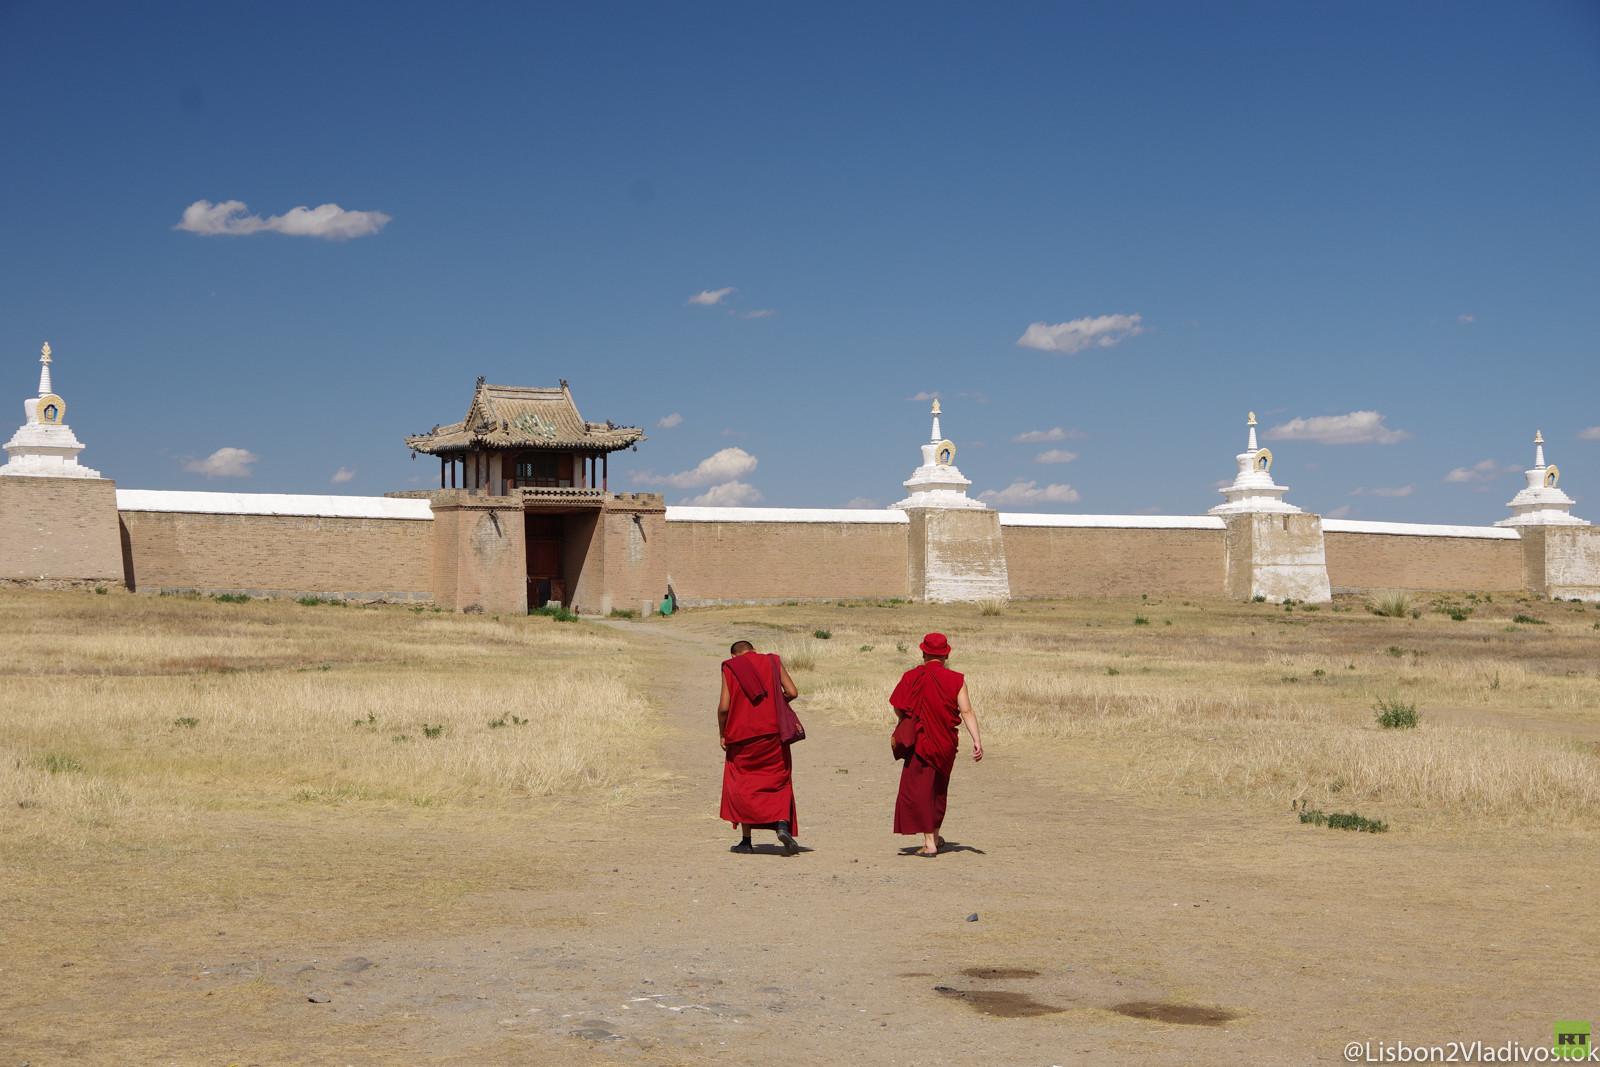 Von Lissabon nach Wladiwostok: Die Mongolei – Atemberaubende Landschaften & merkwürdige Begegnungen